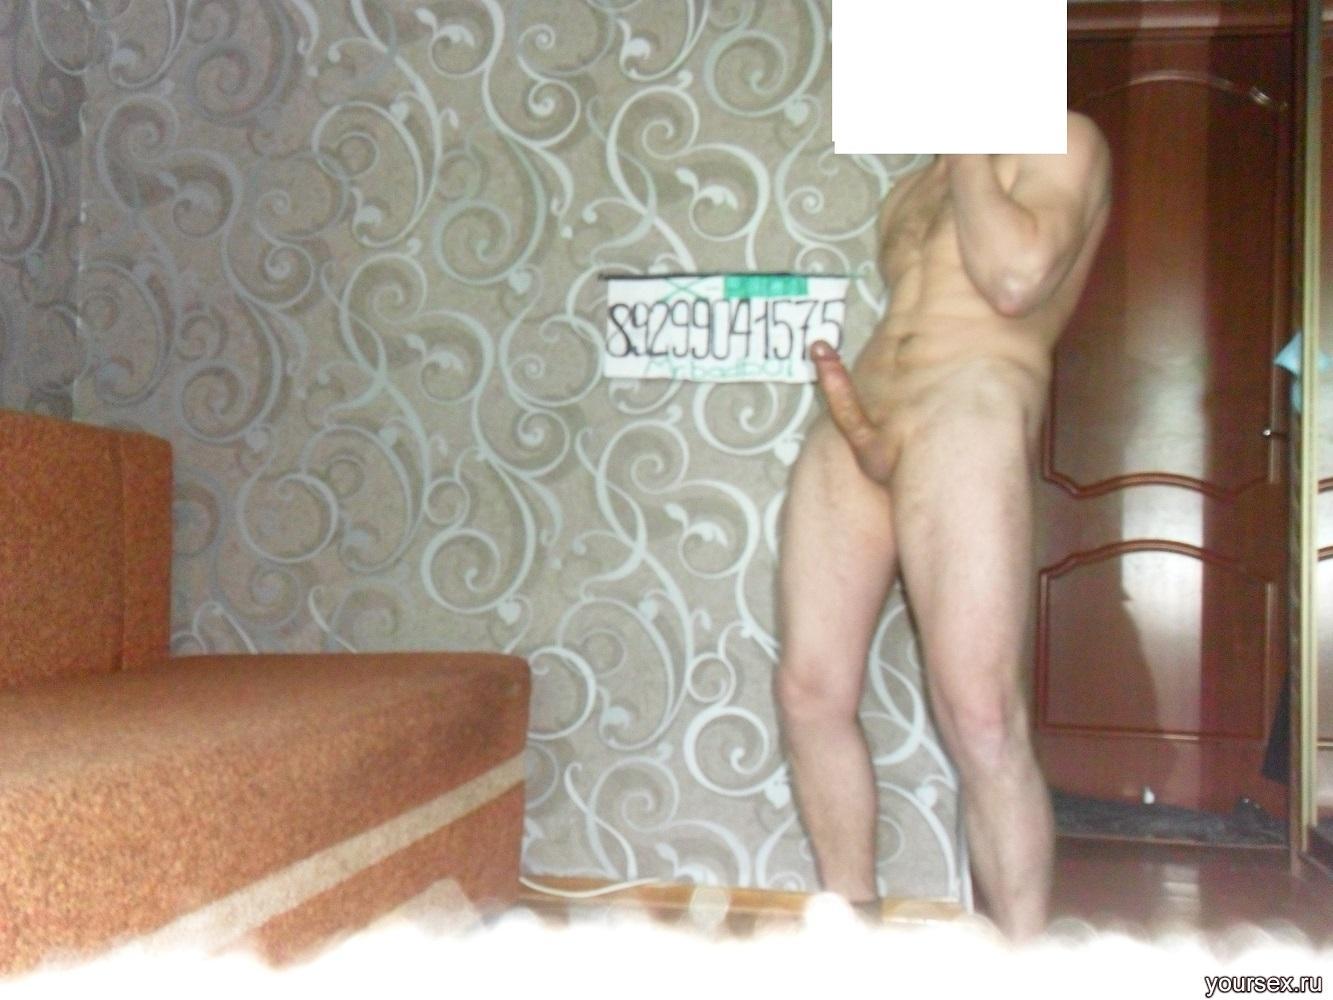 obyavleniya-o-seksualnih-uslugah-ekaterinburg